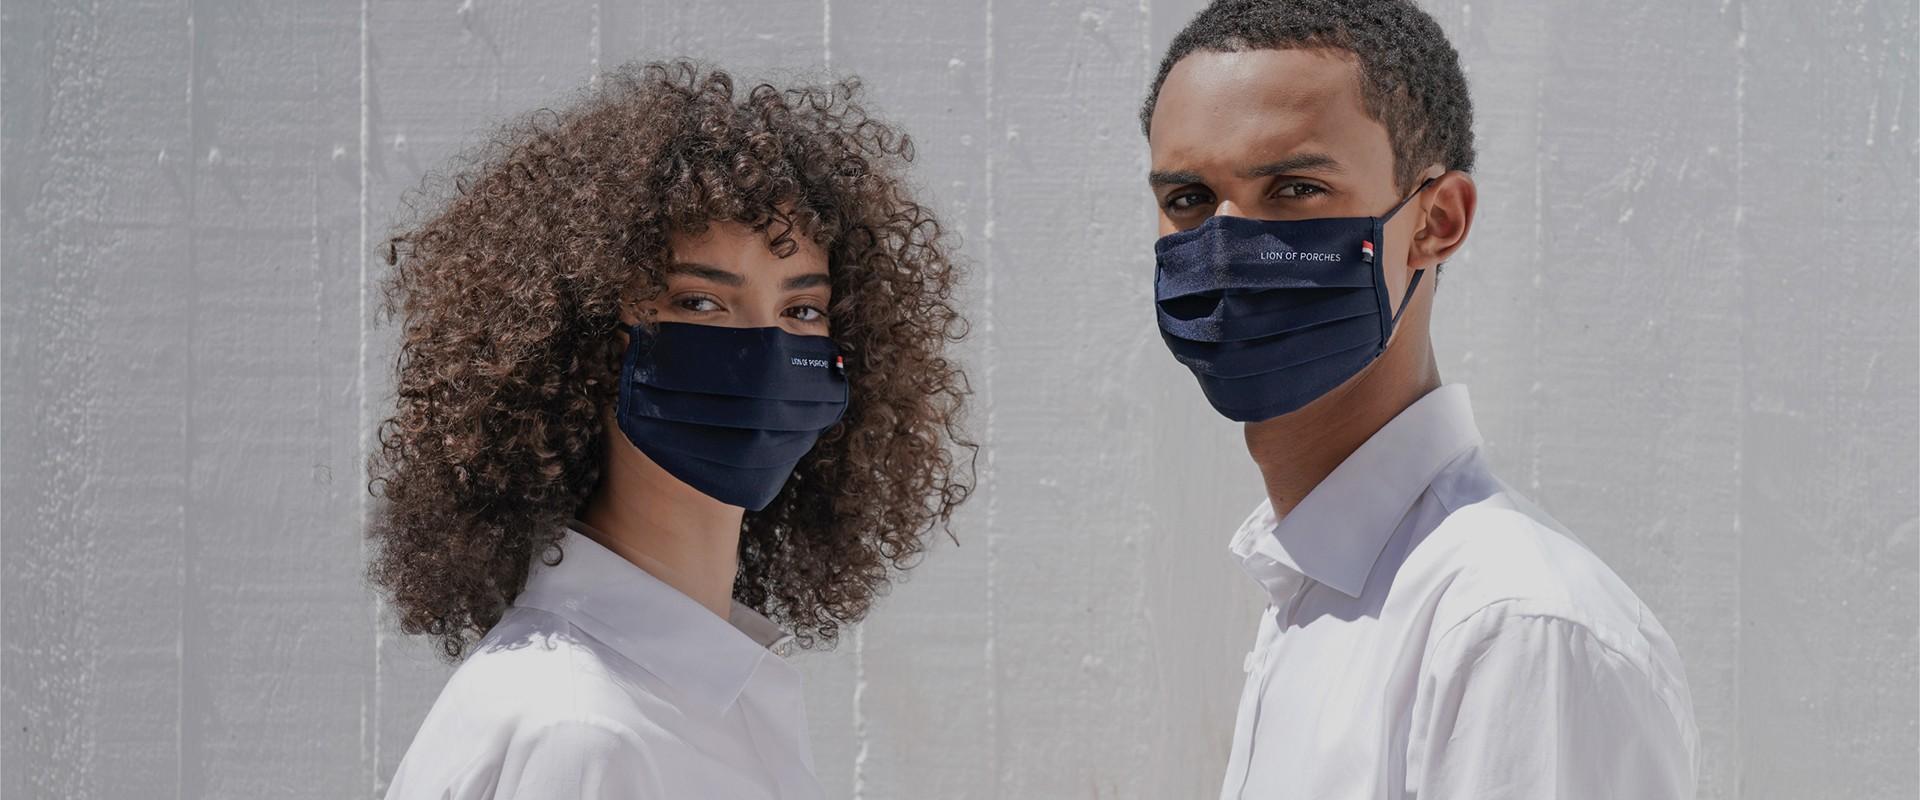 La máscara reutilizable de uso social Lion Of Porches es reutilizable hasta para 25 lavados. Mantengamos a todos a salvo.